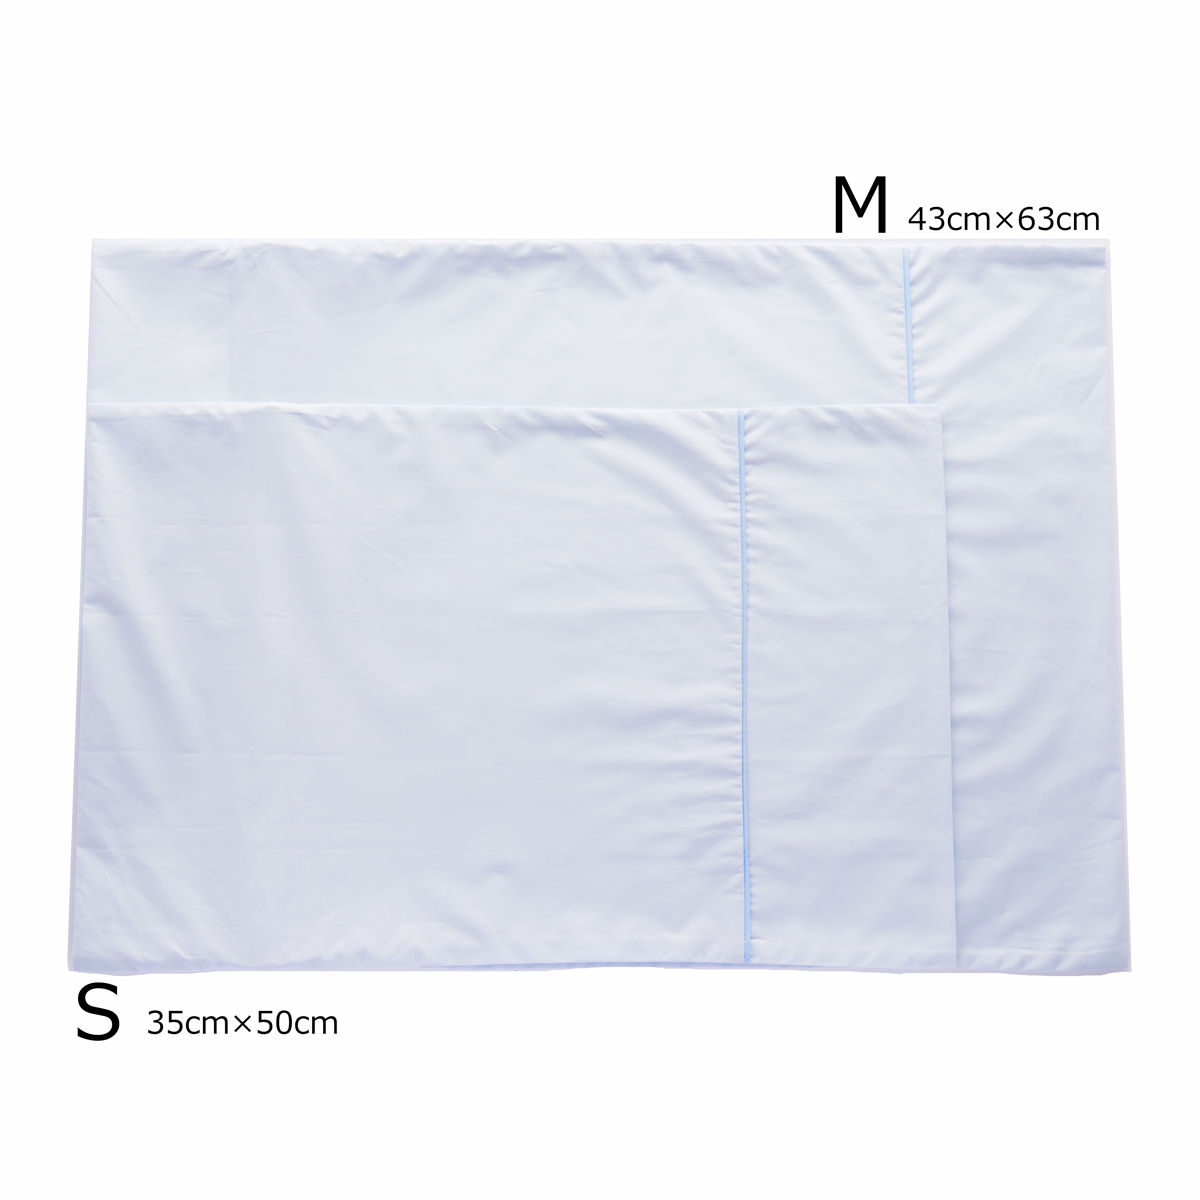 笠形たんぽぽ 枕カバー2枚セット ダニを通しにくい 無地カラー国産綿100%ピローケース〔2枚組〕